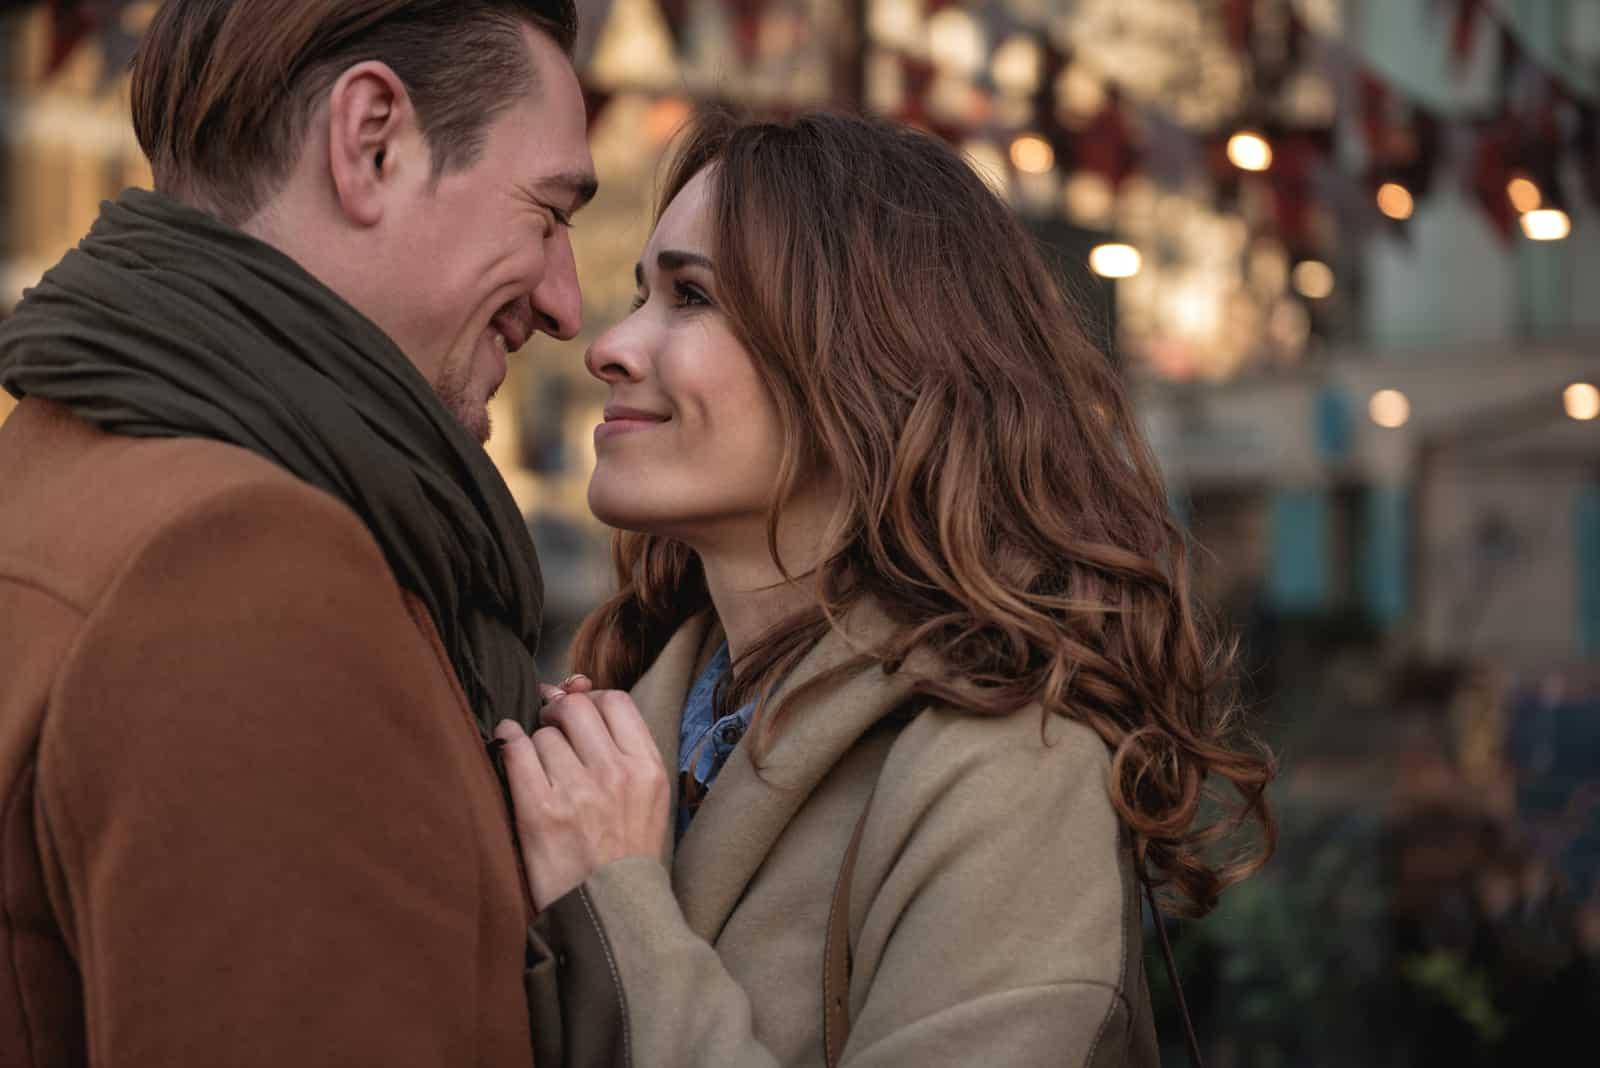 the happy couple hugs and kisses outside